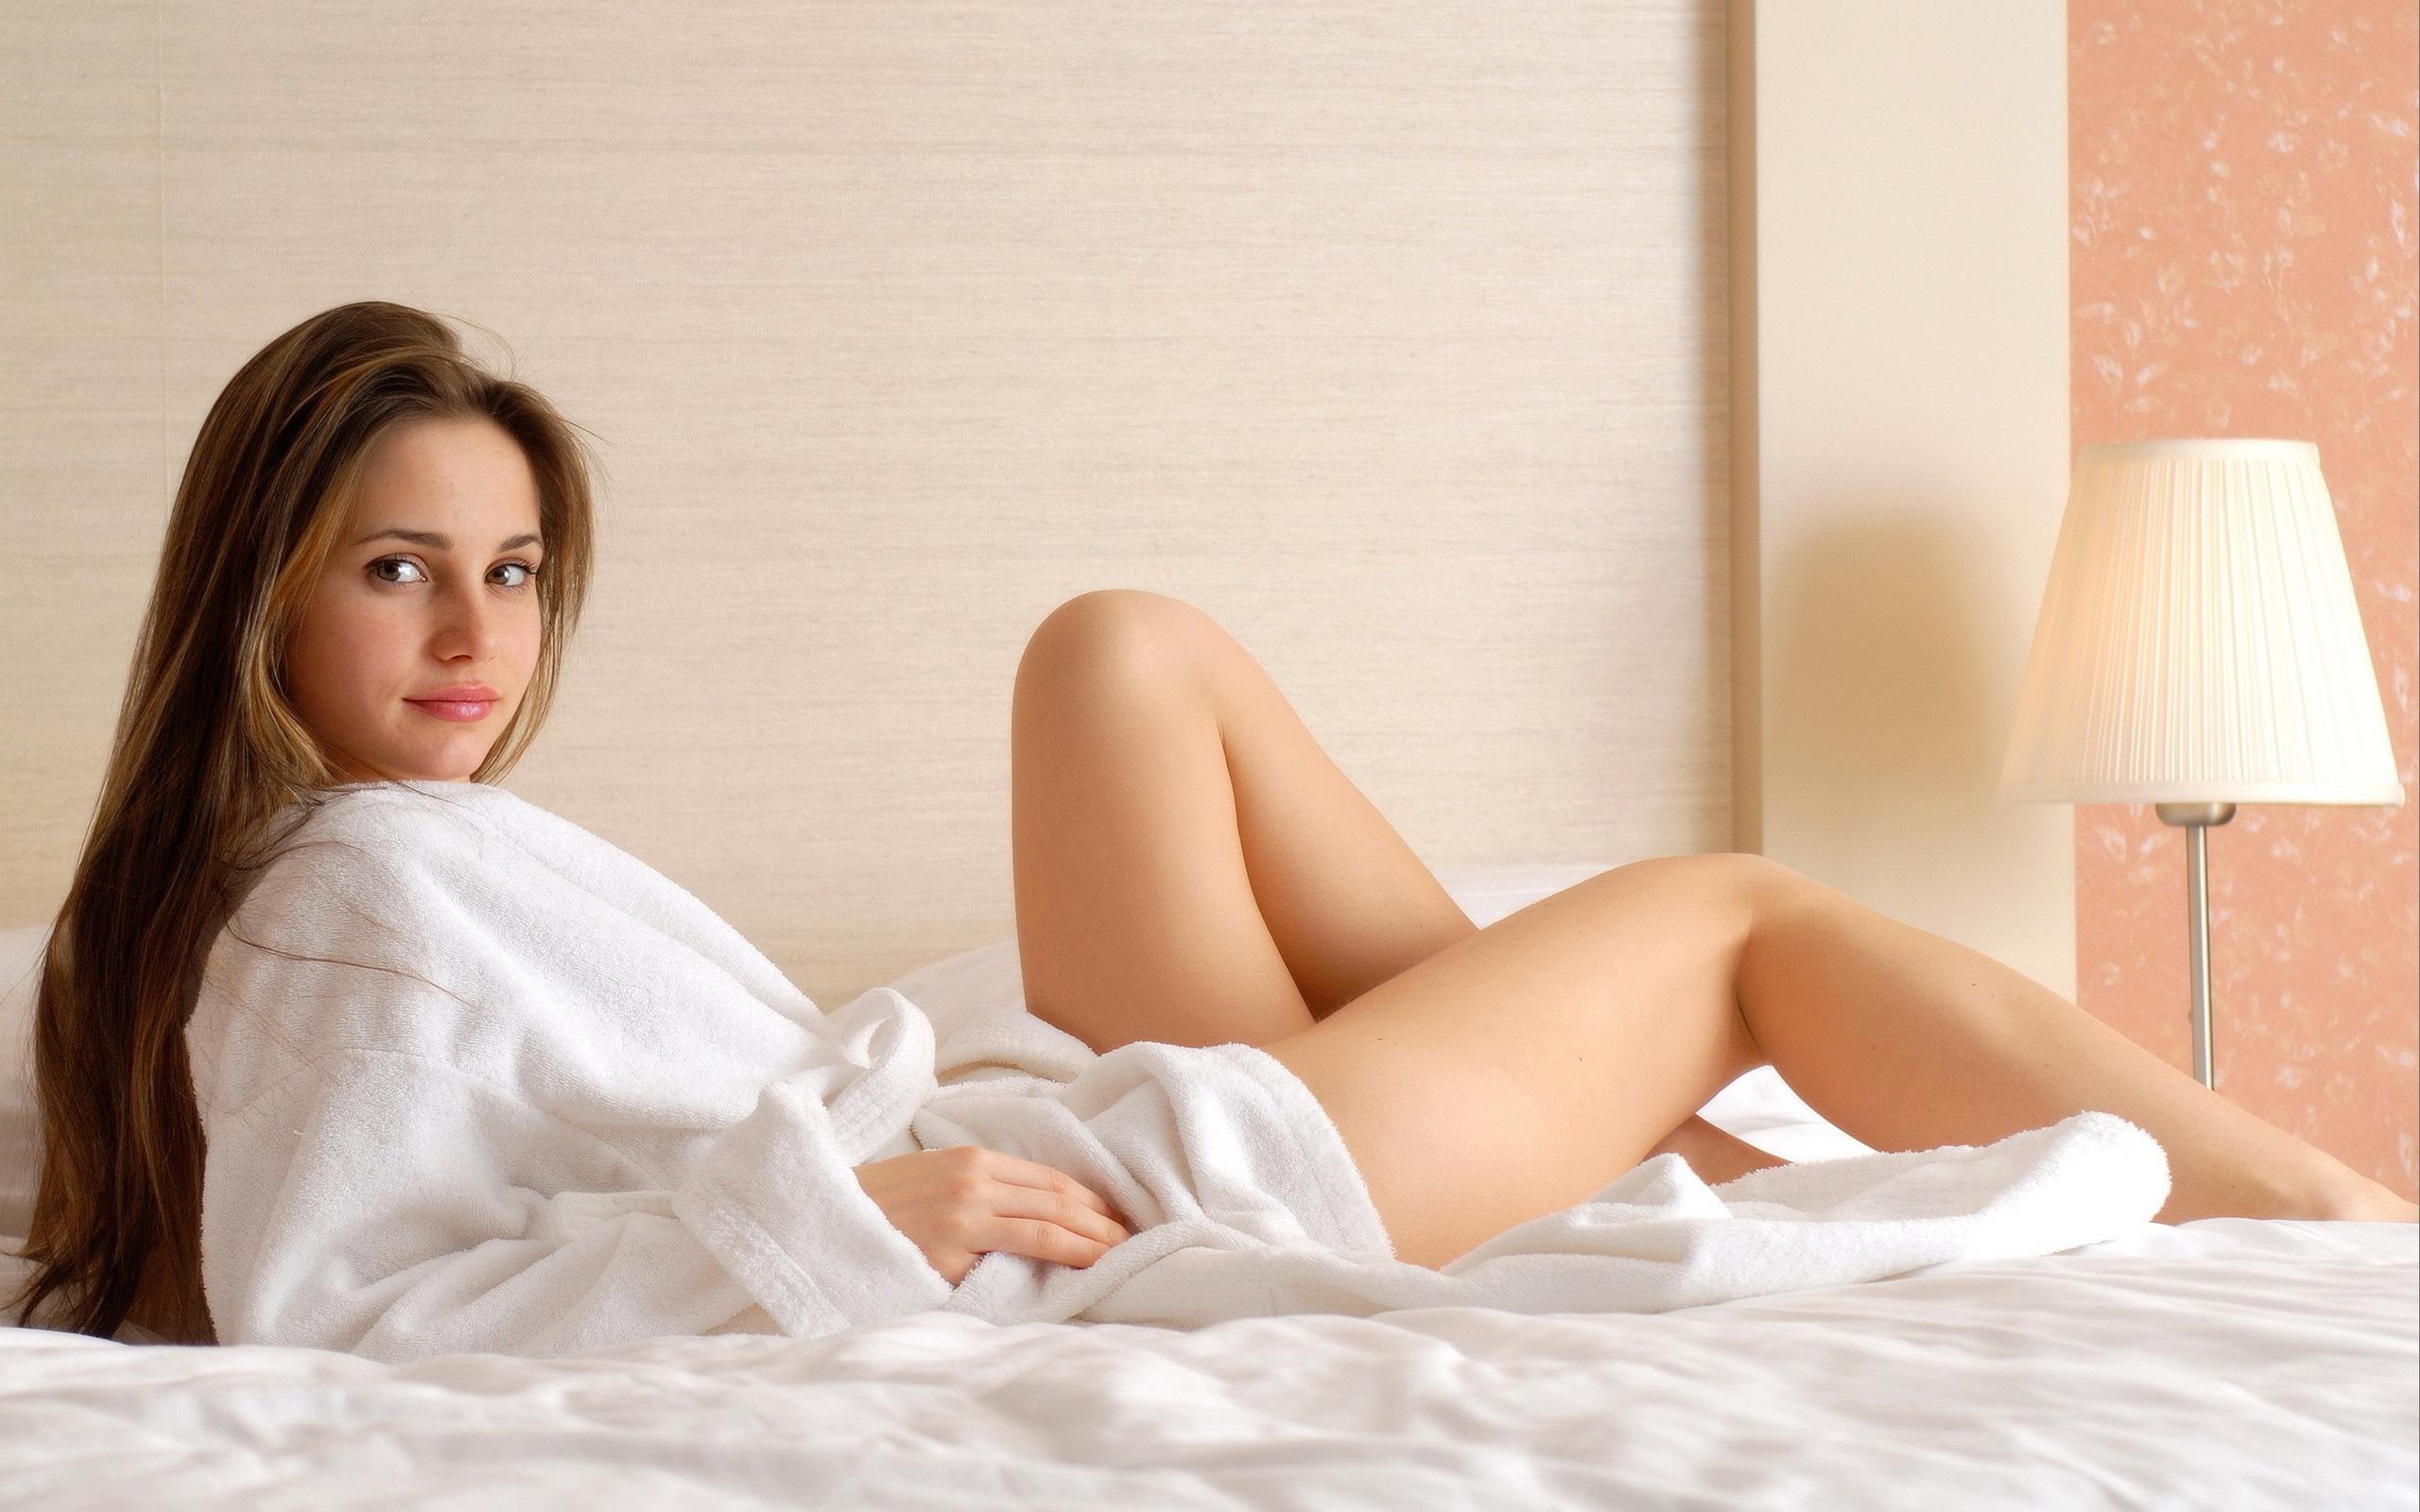 Фото девочки в постели 3 фотография